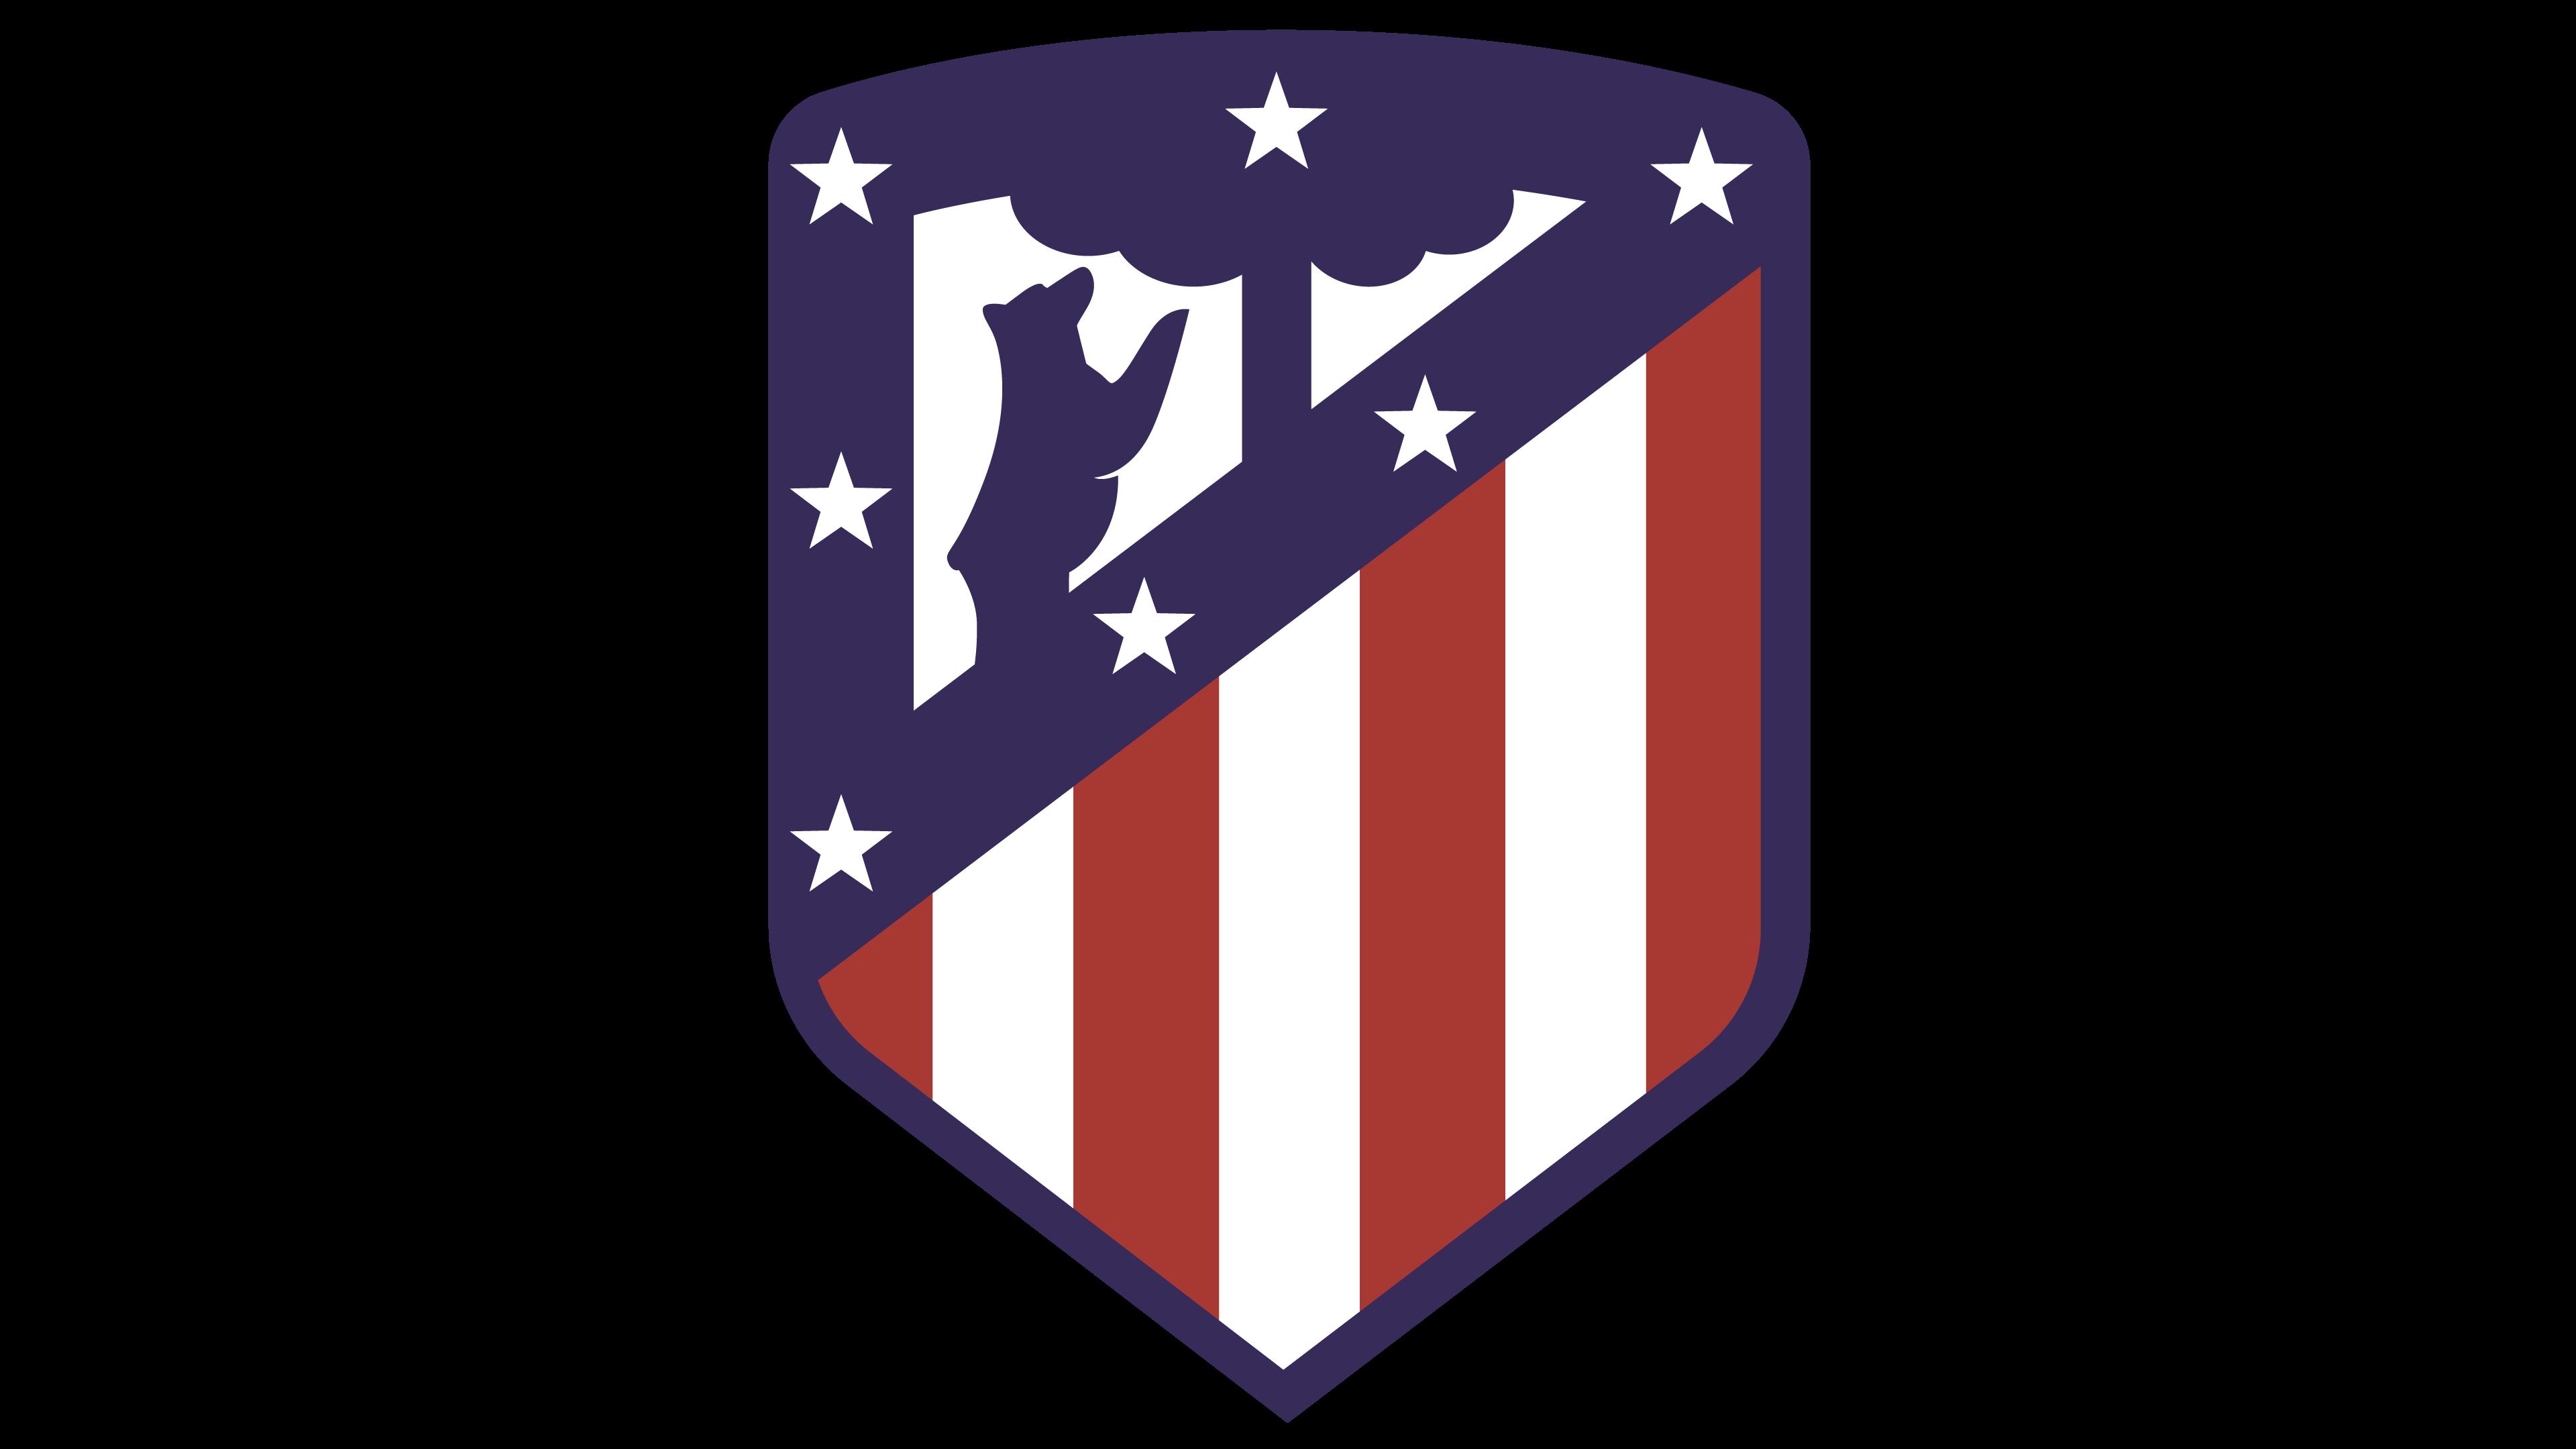 Pin De Zan Em Soccer Escudos De Futebol Times De Futebol Futebol